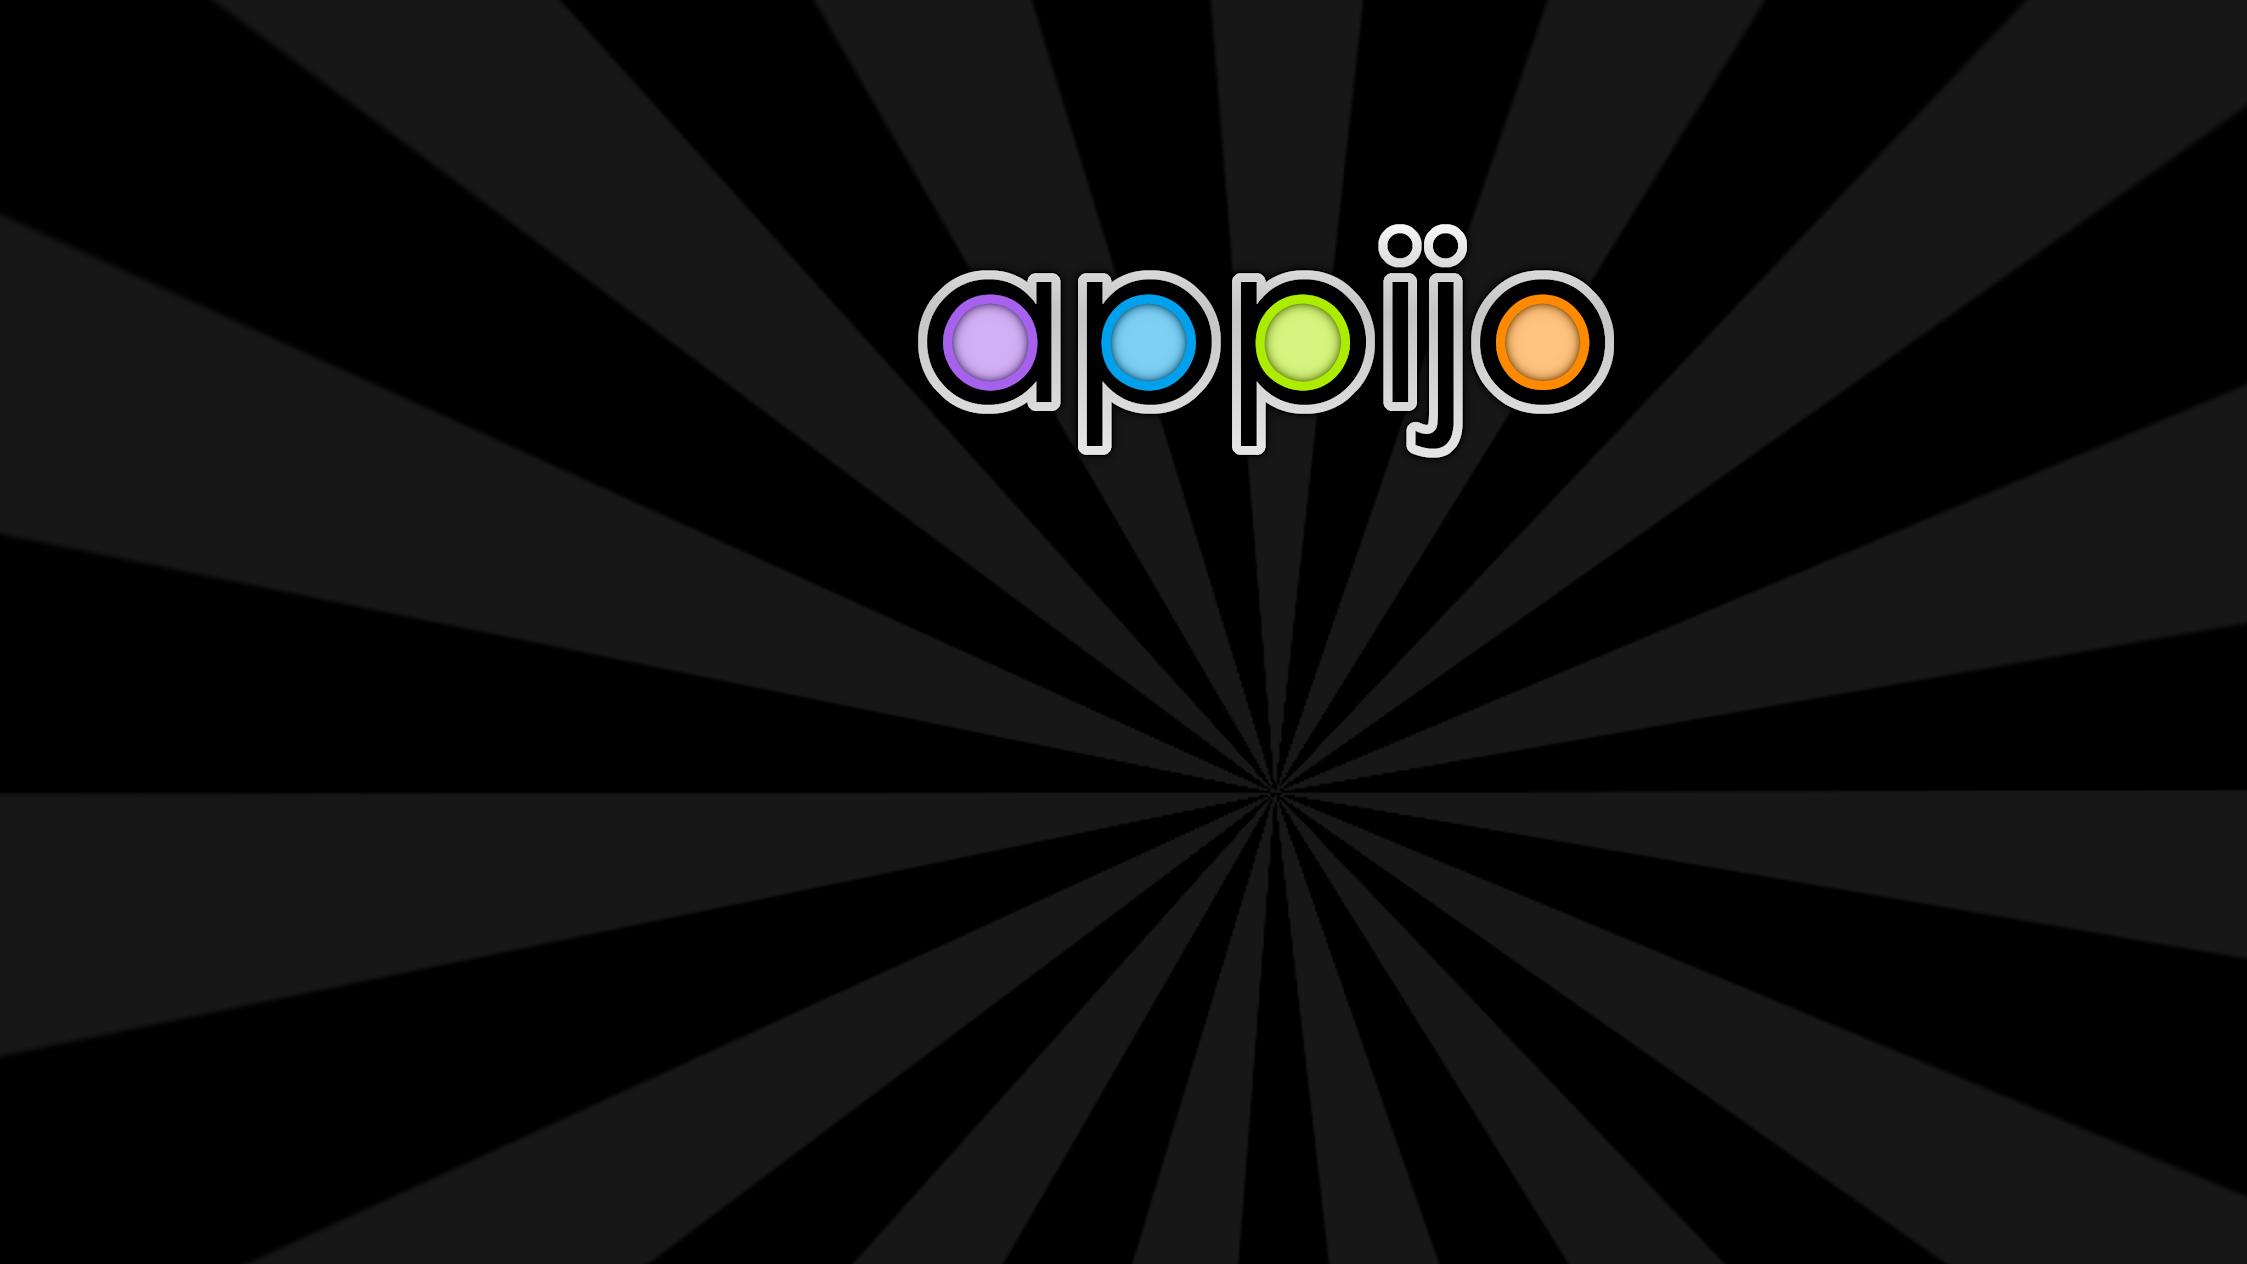 Appijo